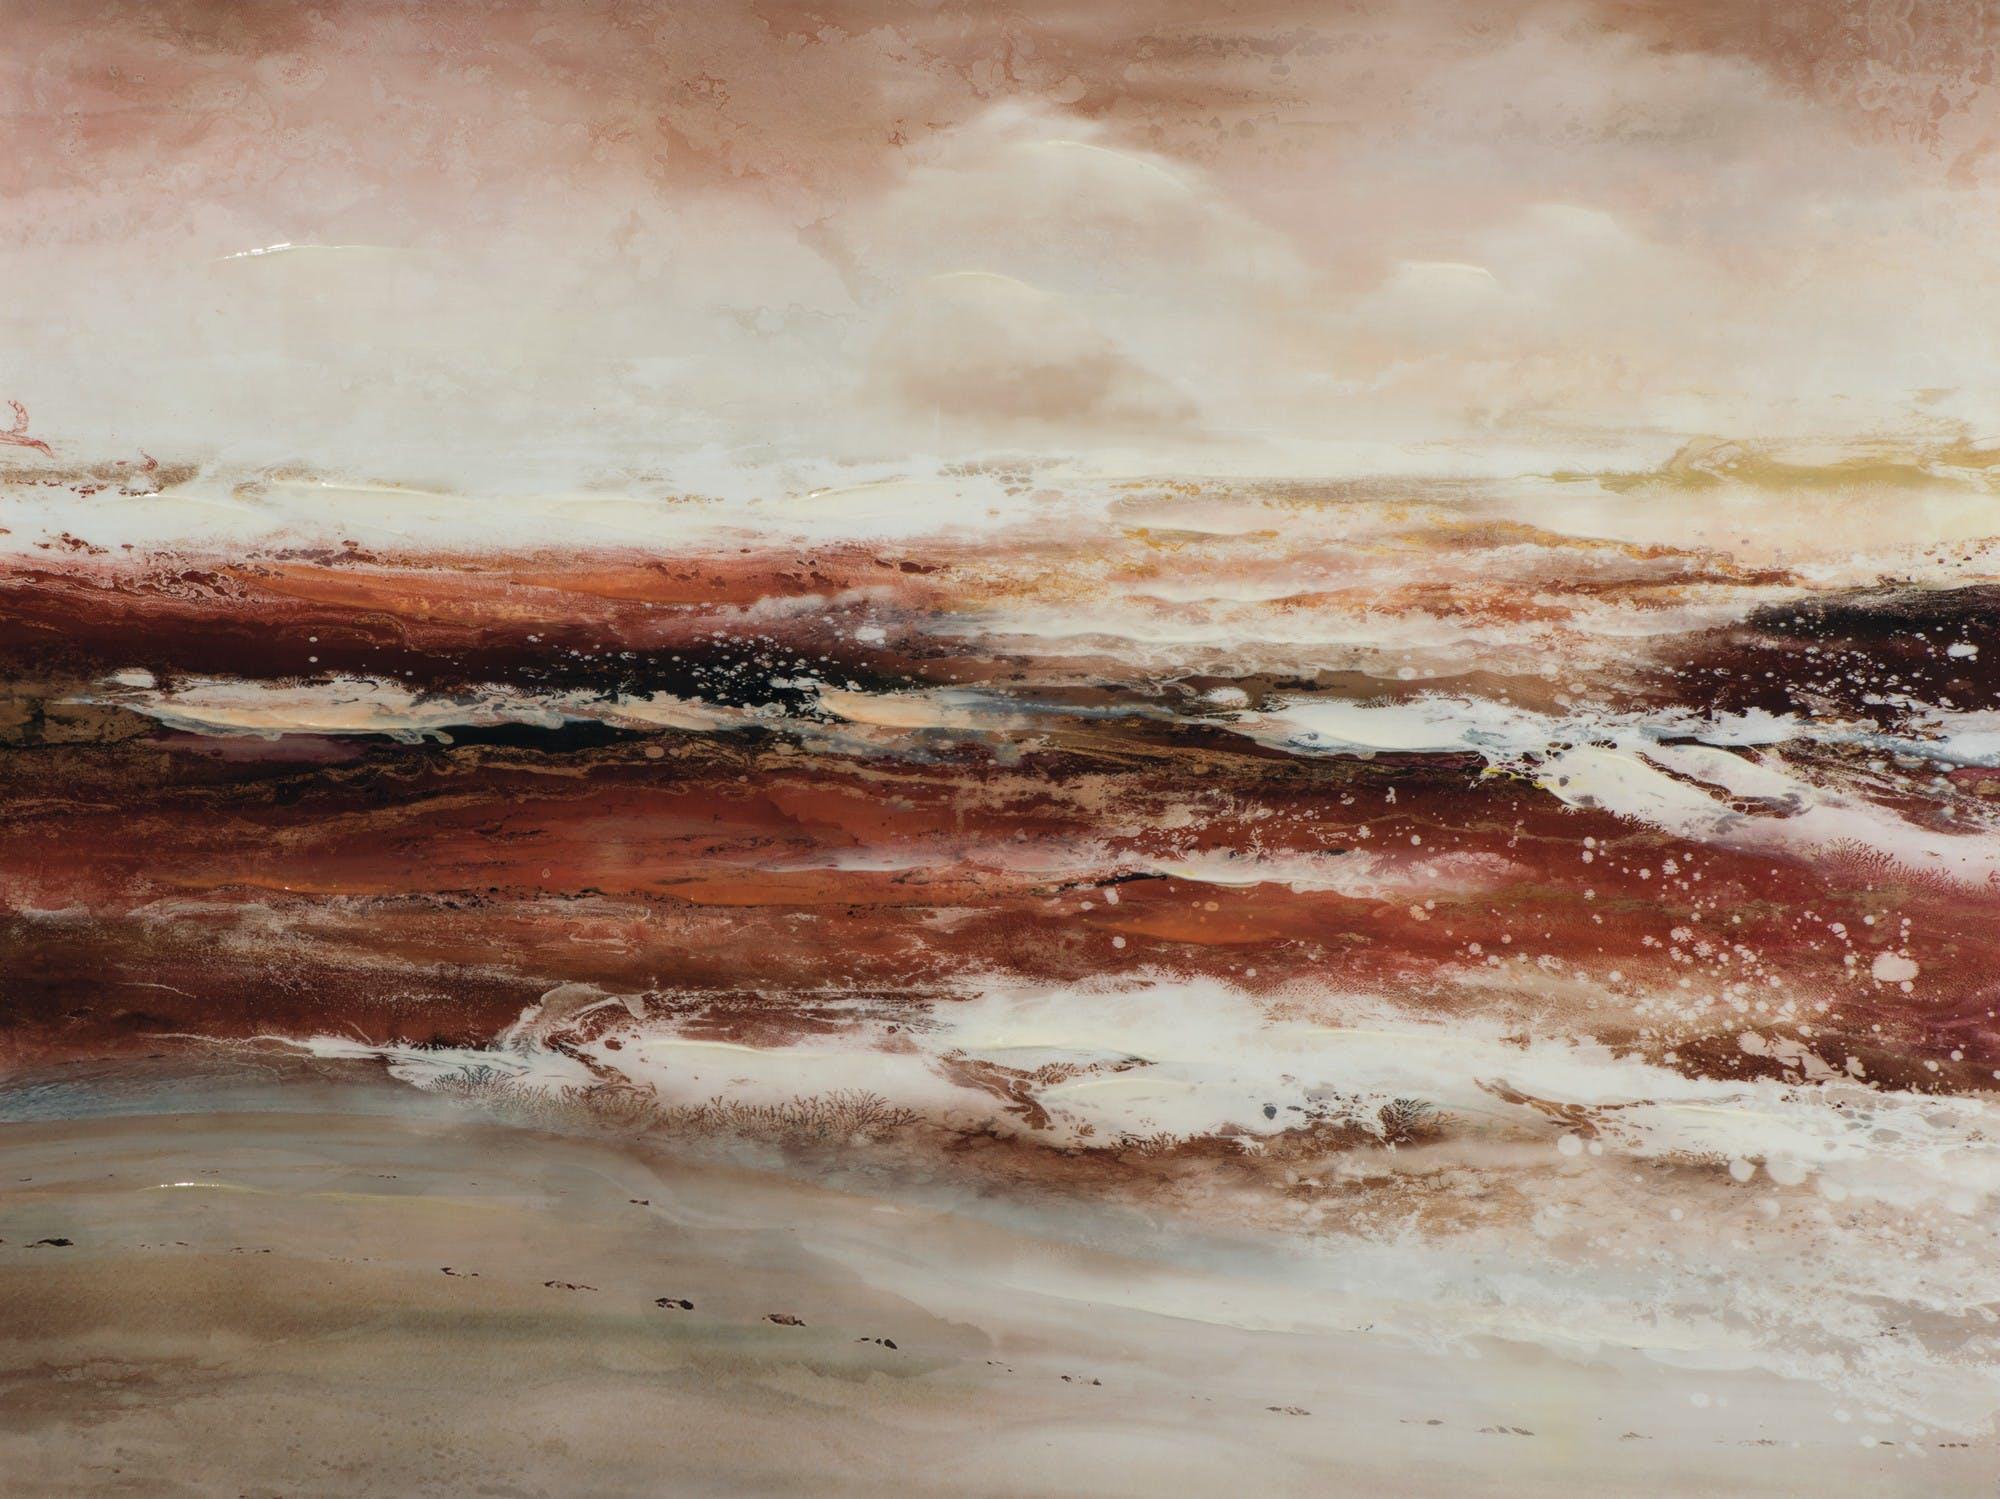 Tableau abstrait 90x120, plage et océan - peinture rouge et grise